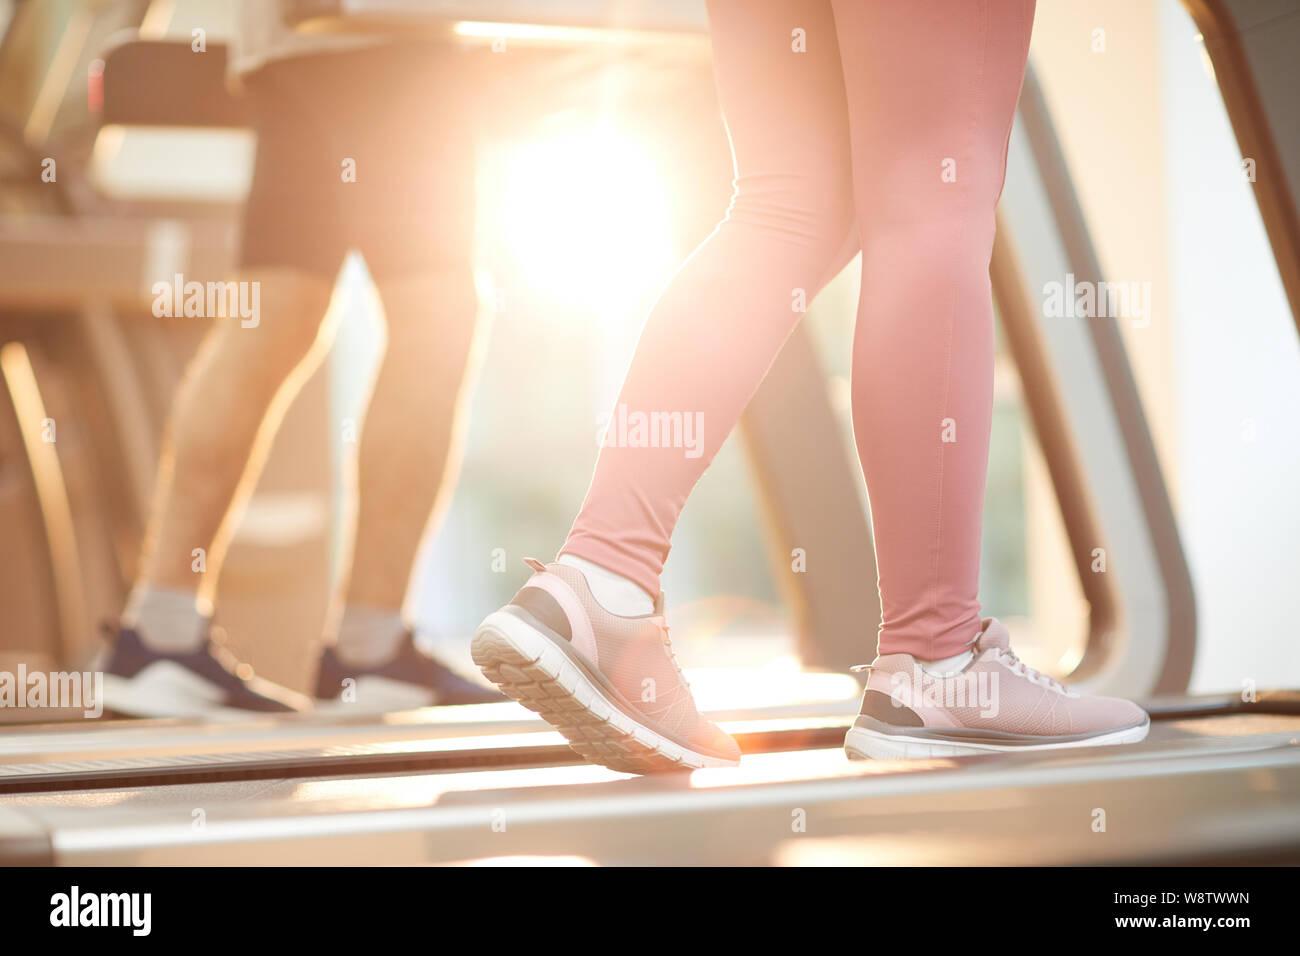 Arrière-plan de sports des gens courir sur des tapis roulants dans sport éclairée par la lumière du soleil, copy space Banque D'Images